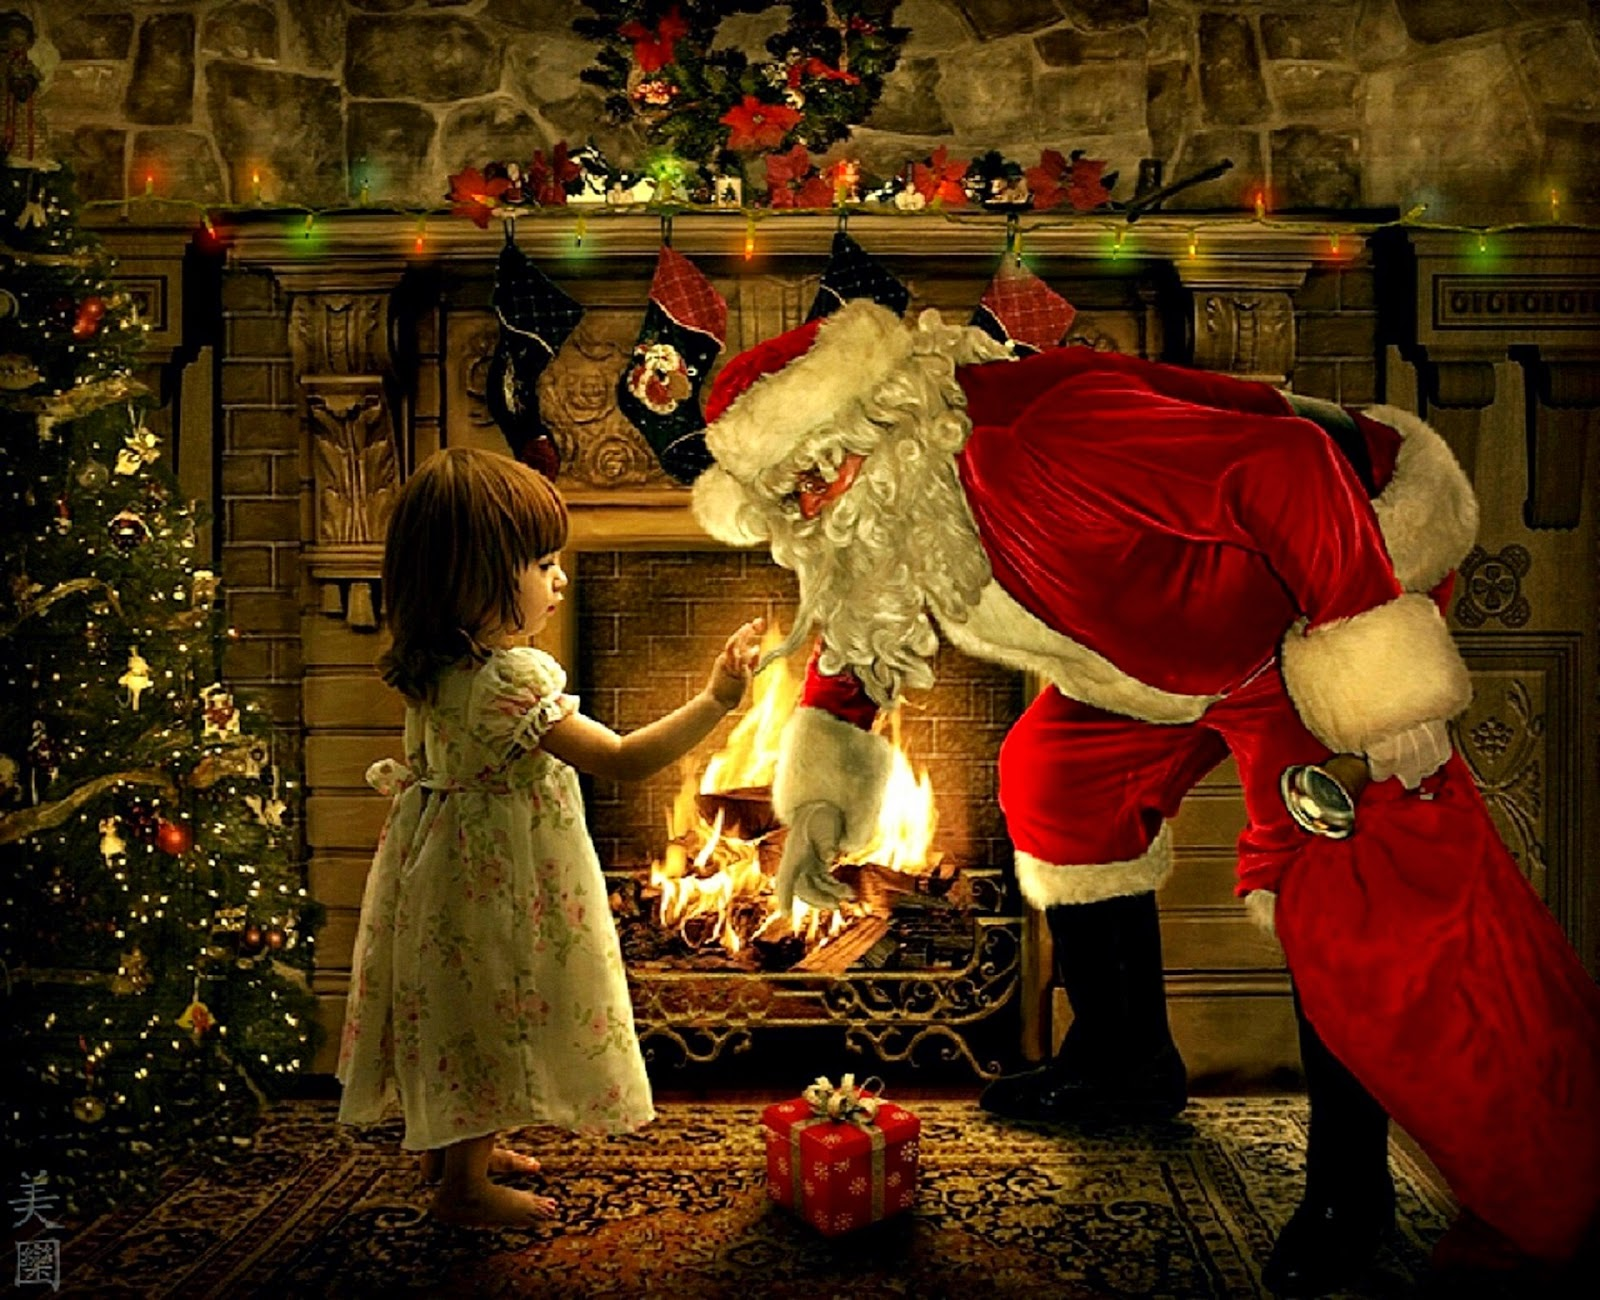 santa presents christmas gifts to girl kid image - Santa Claus Presents